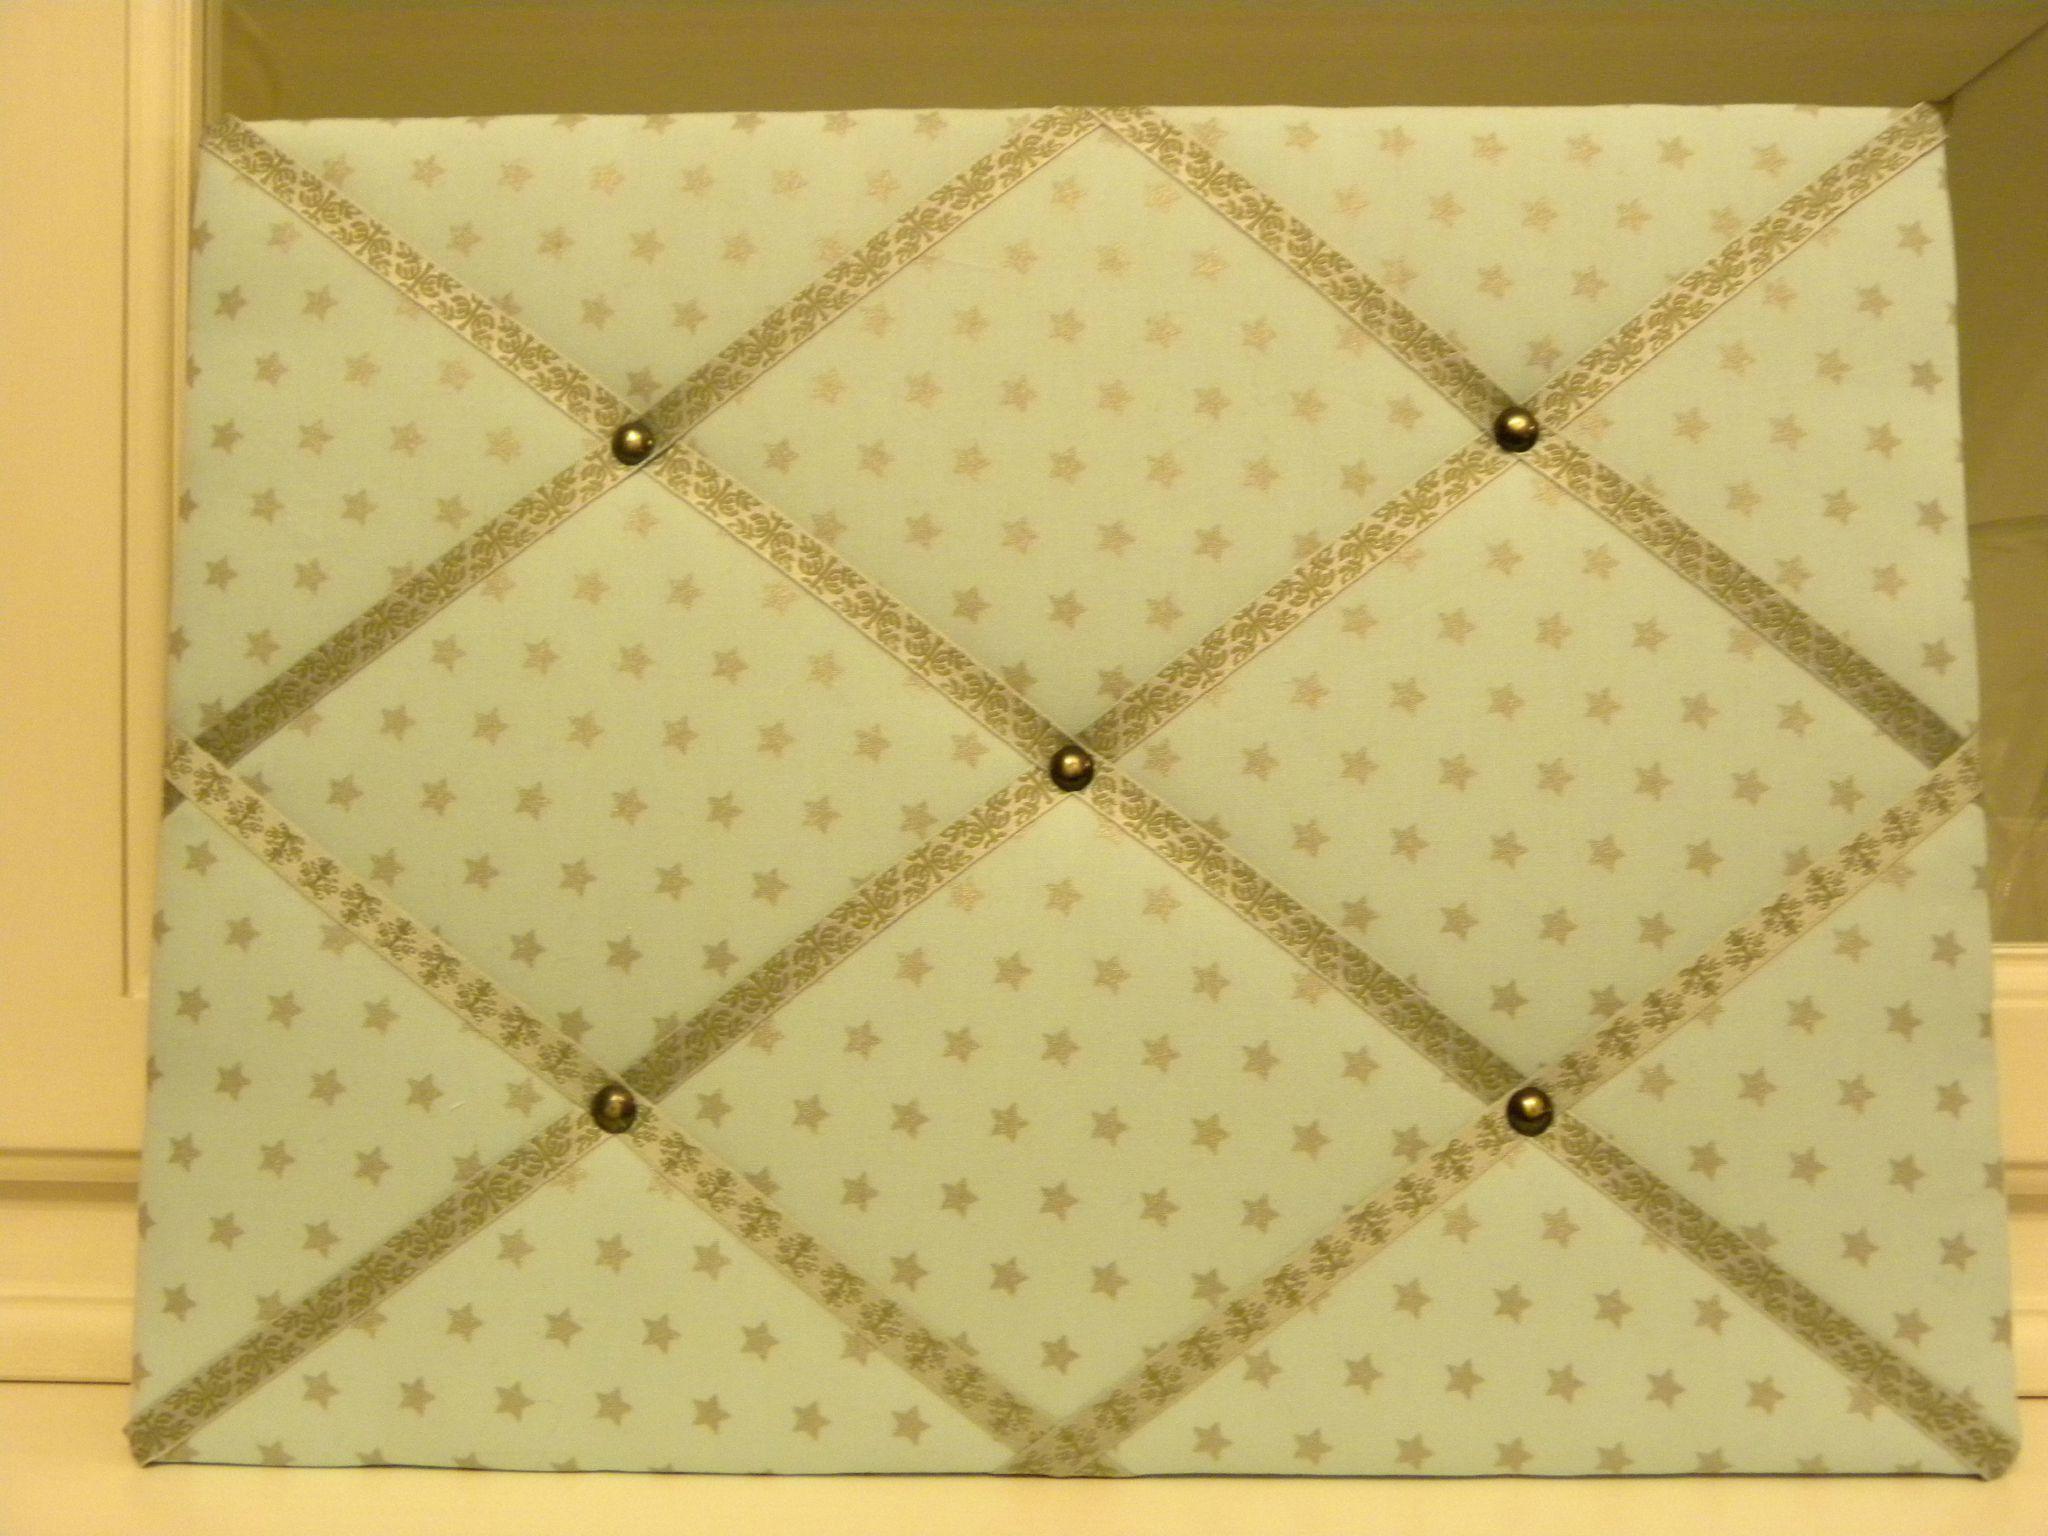 p le m le de sandrine 30 40 photo de abat jour et p le m le artichoc cr a ateliers cr atifs. Black Bedroom Furniture Sets. Home Design Ideas